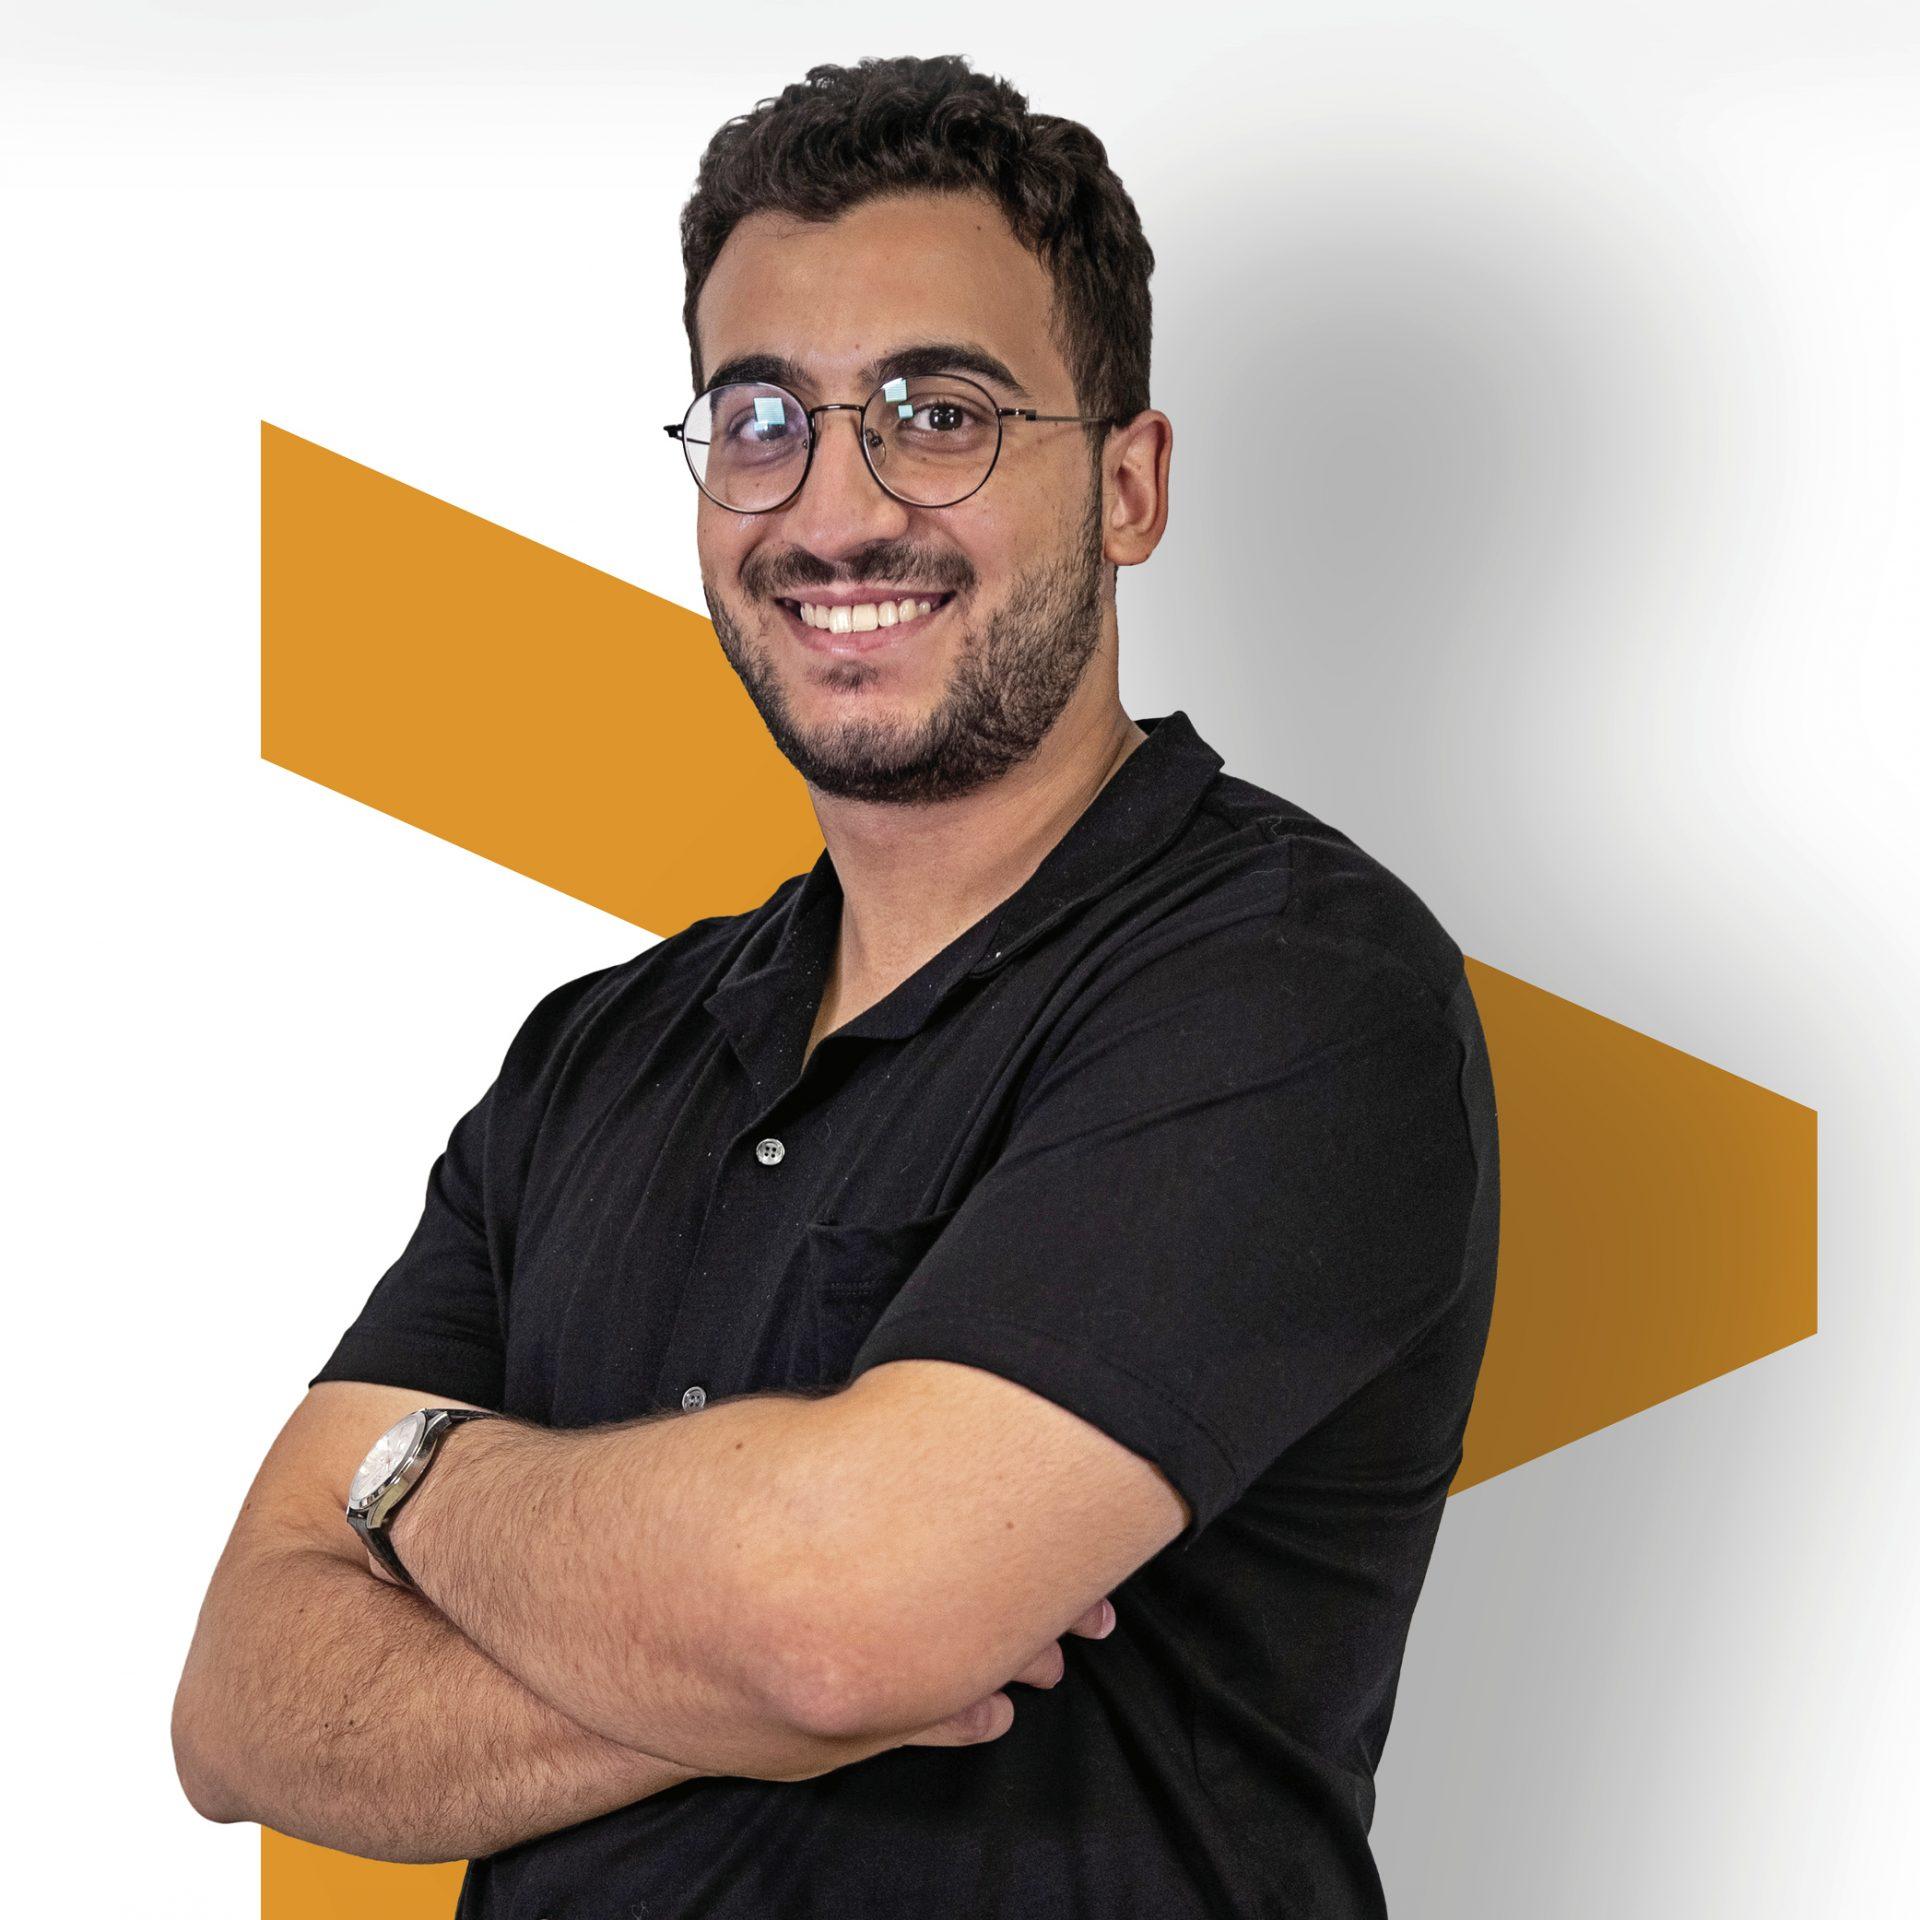 Hassan Oukik